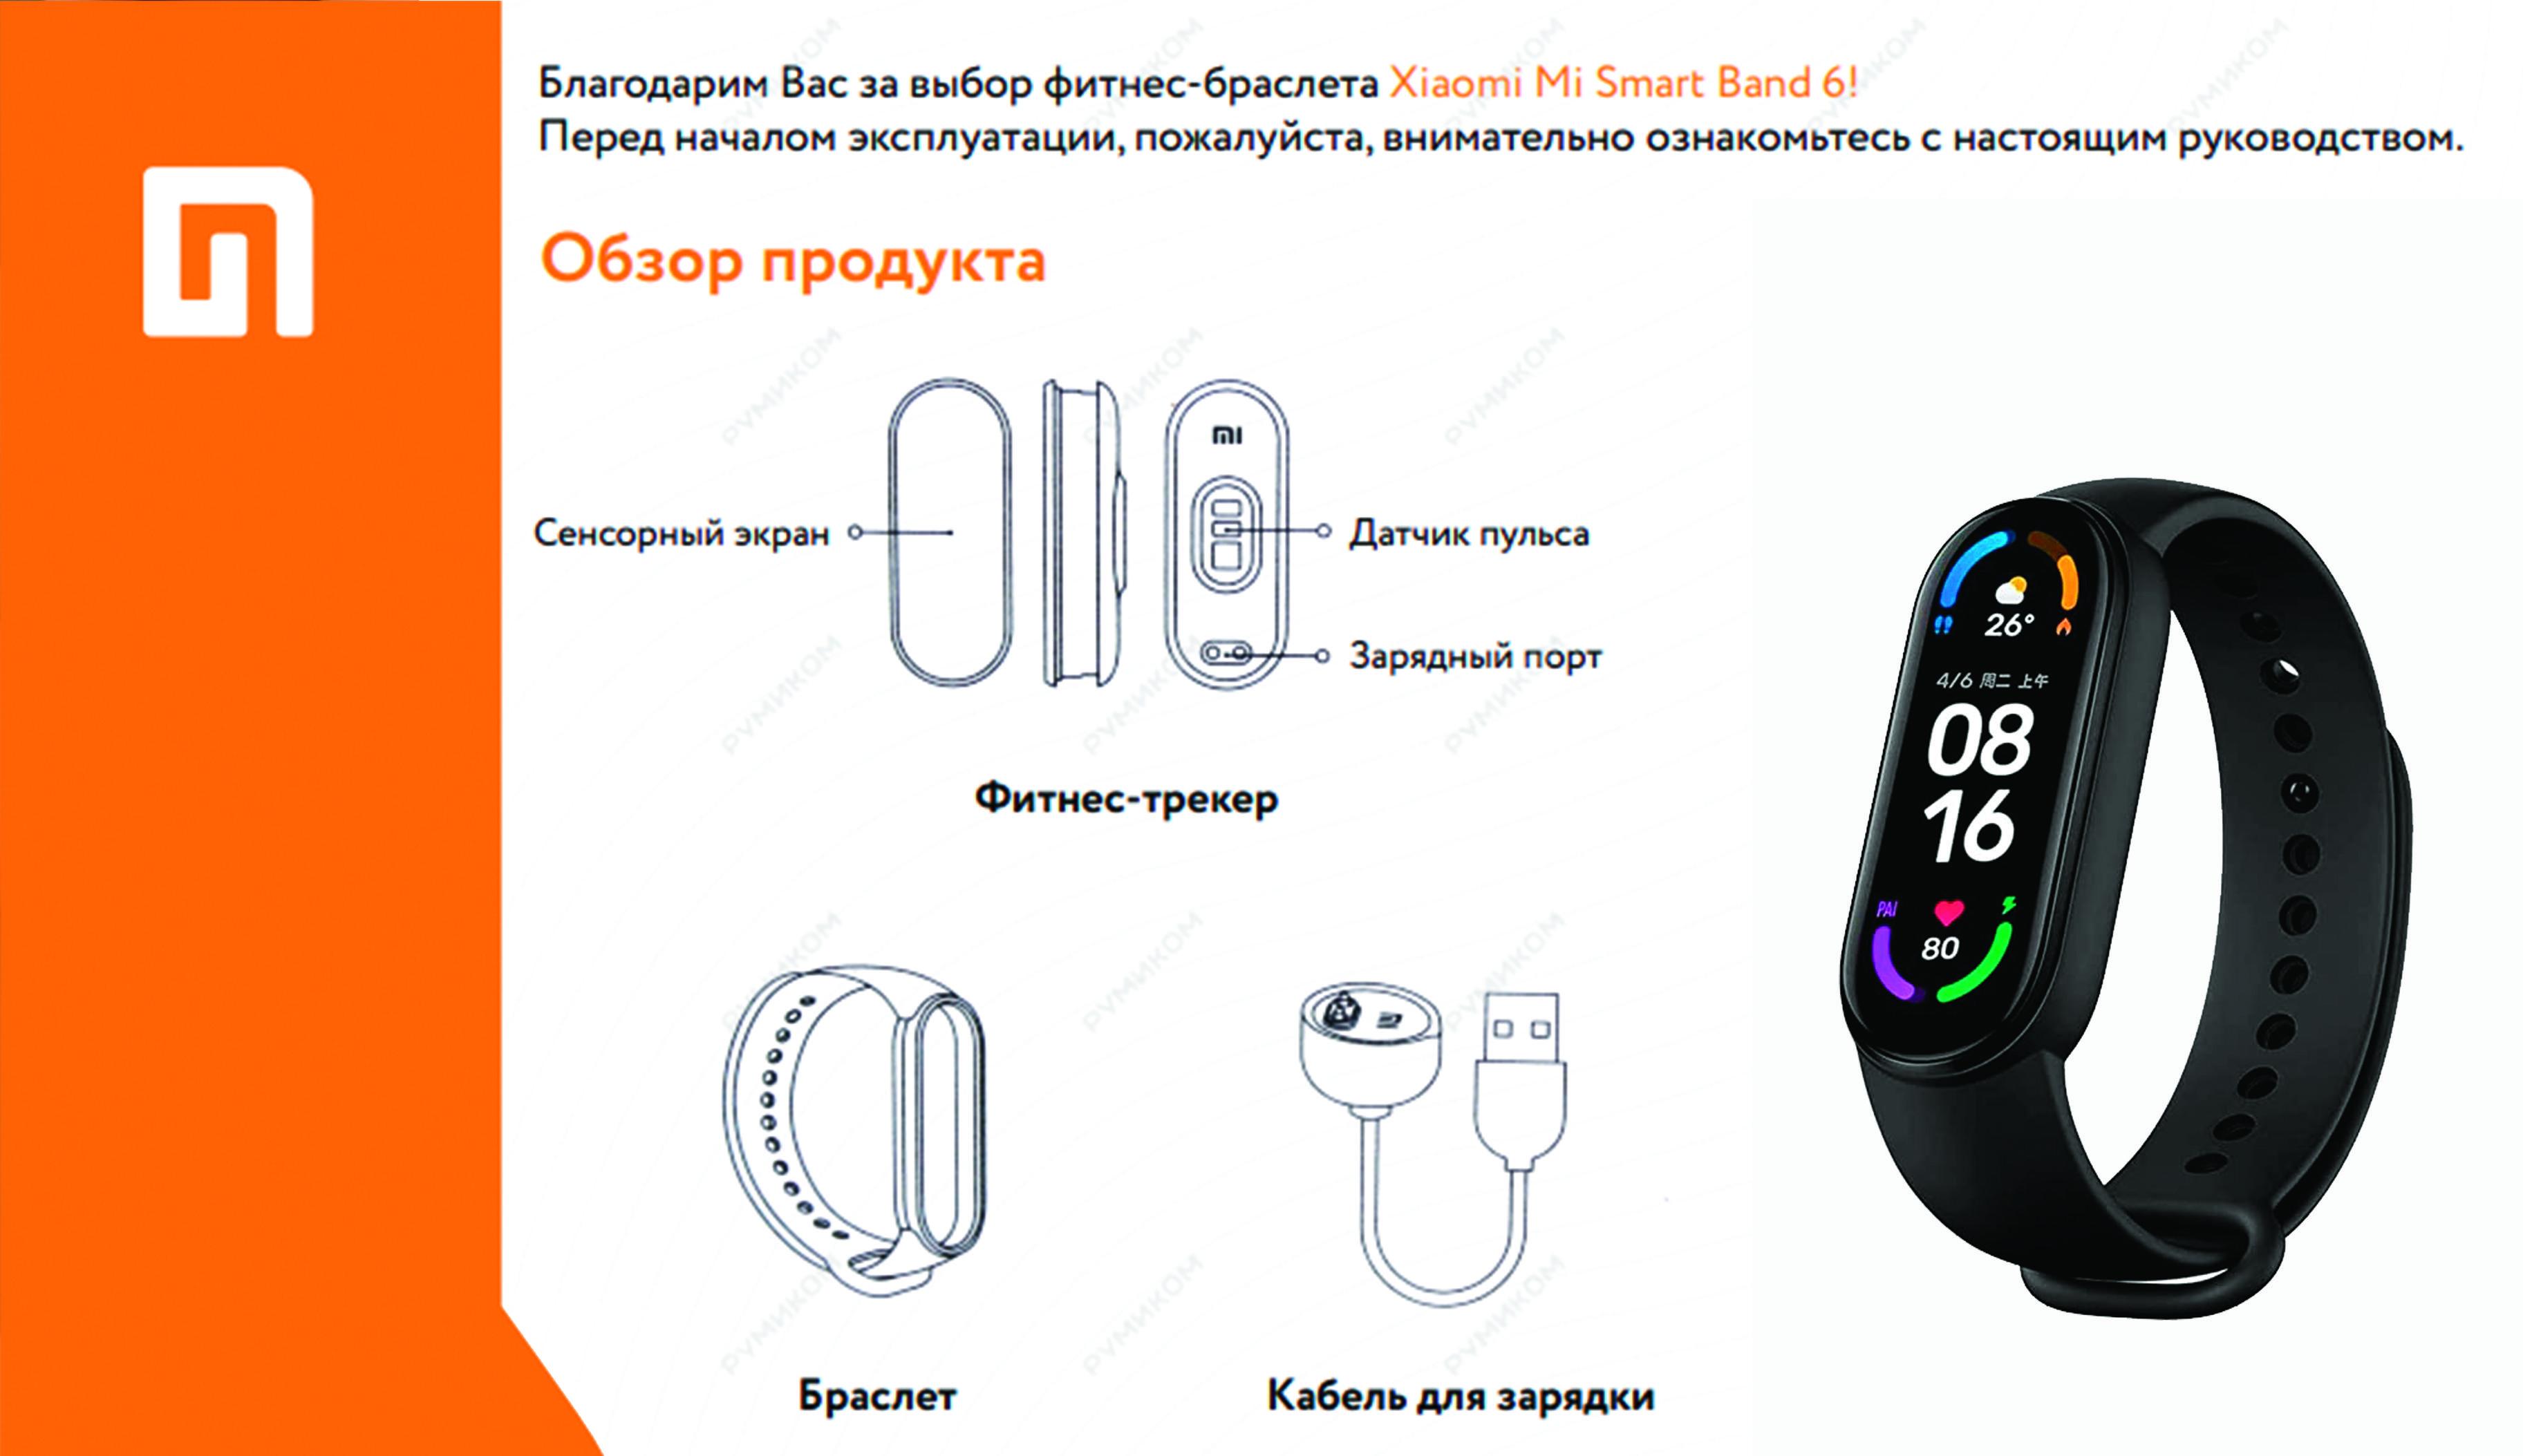 Фитнес браслет Xiaomi Mi Band 6 инструкция на русском языке